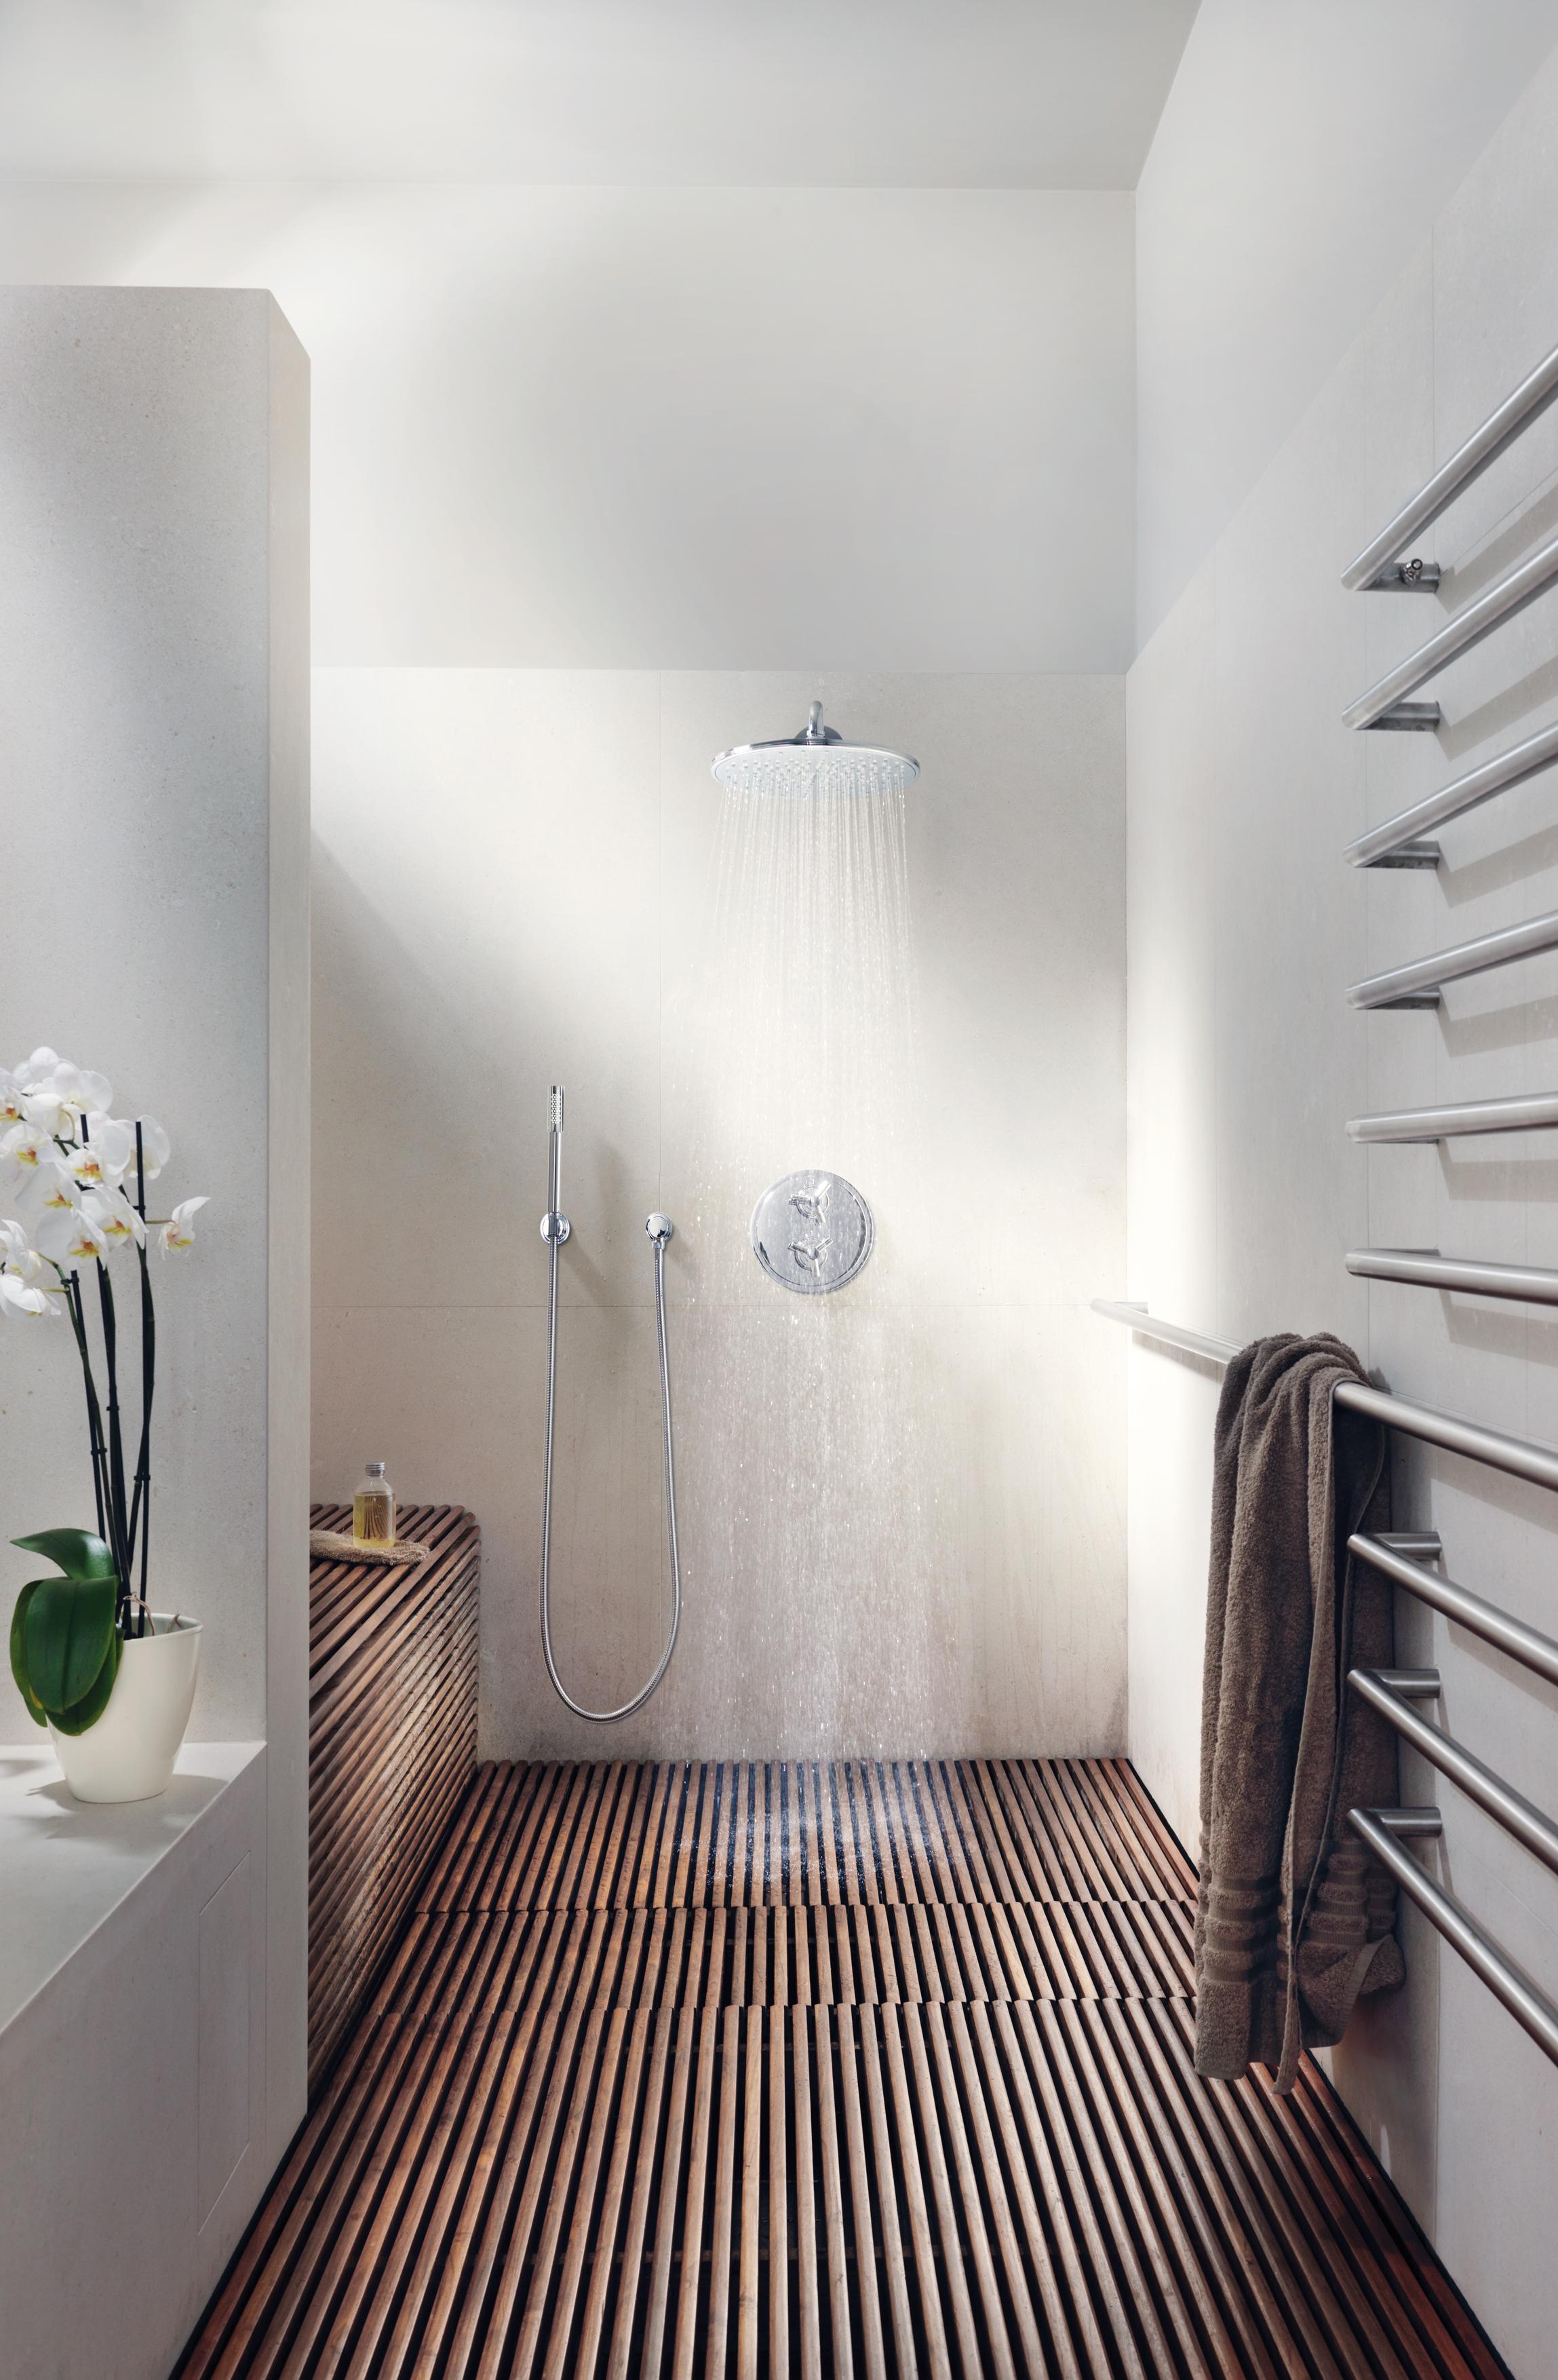 mijn droomhuis de badkamer eenig wonen bloglovin